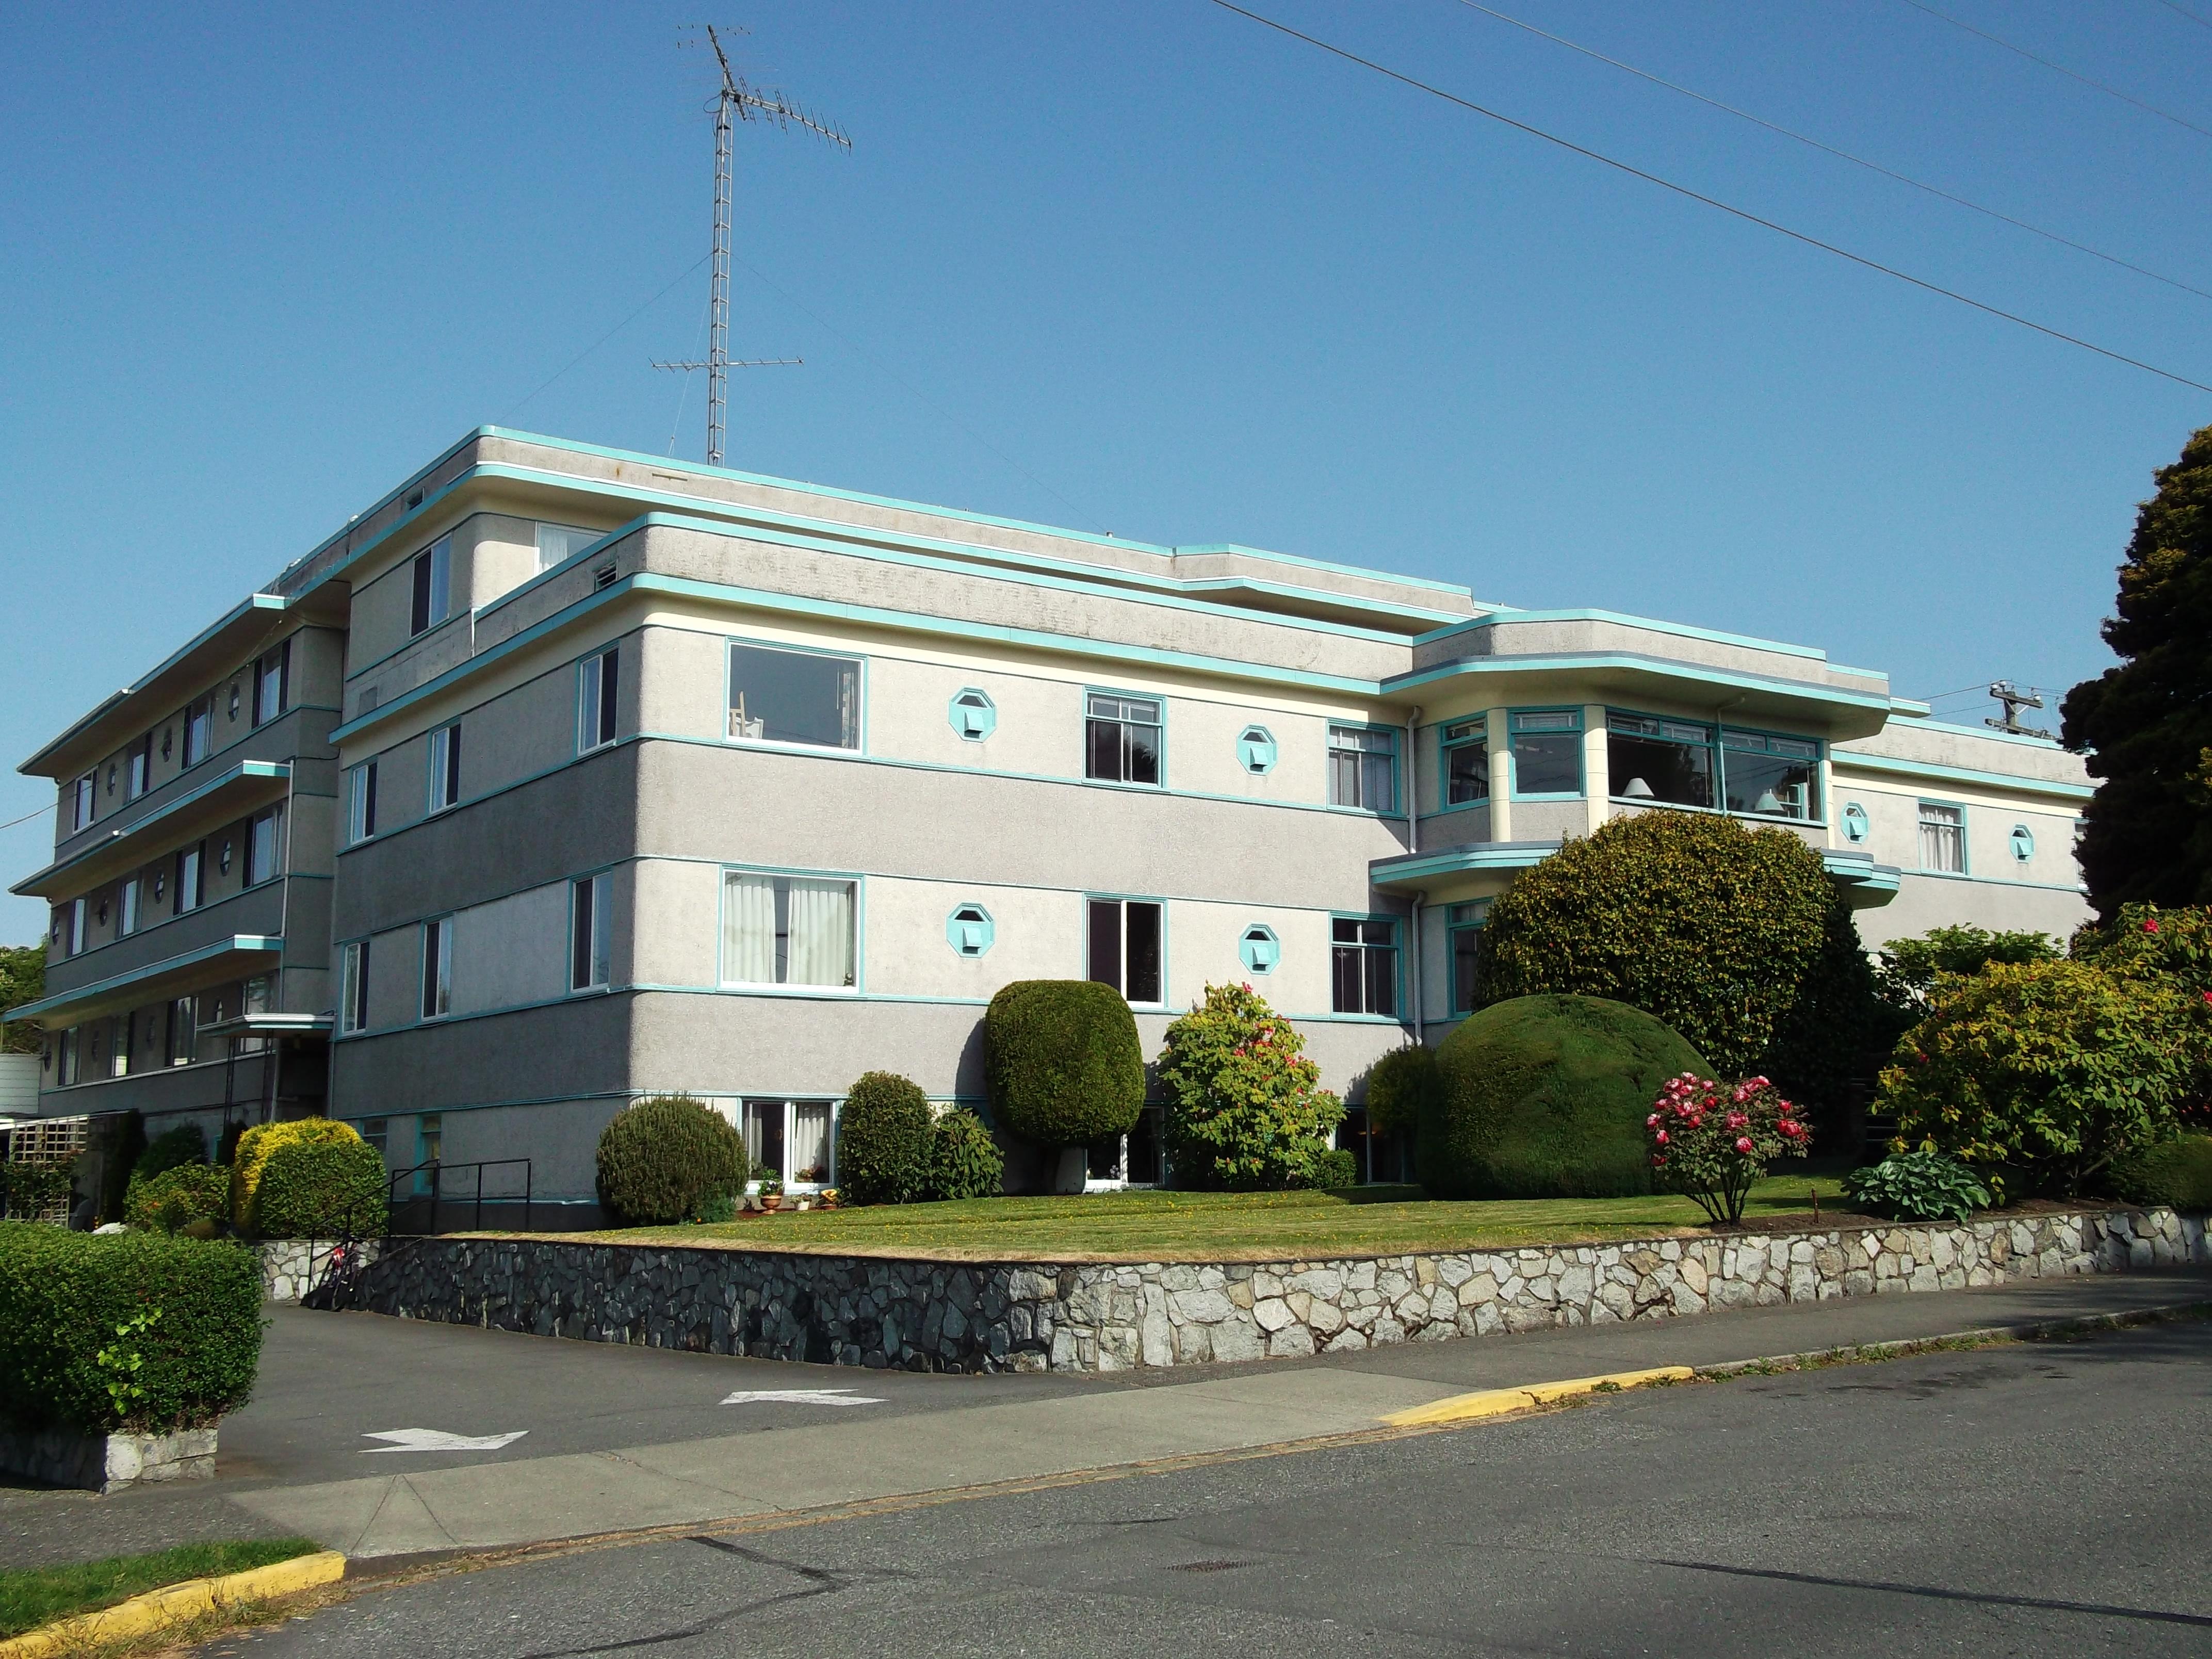 File:Beacon Lodge Apartment Victoria,bc,canada